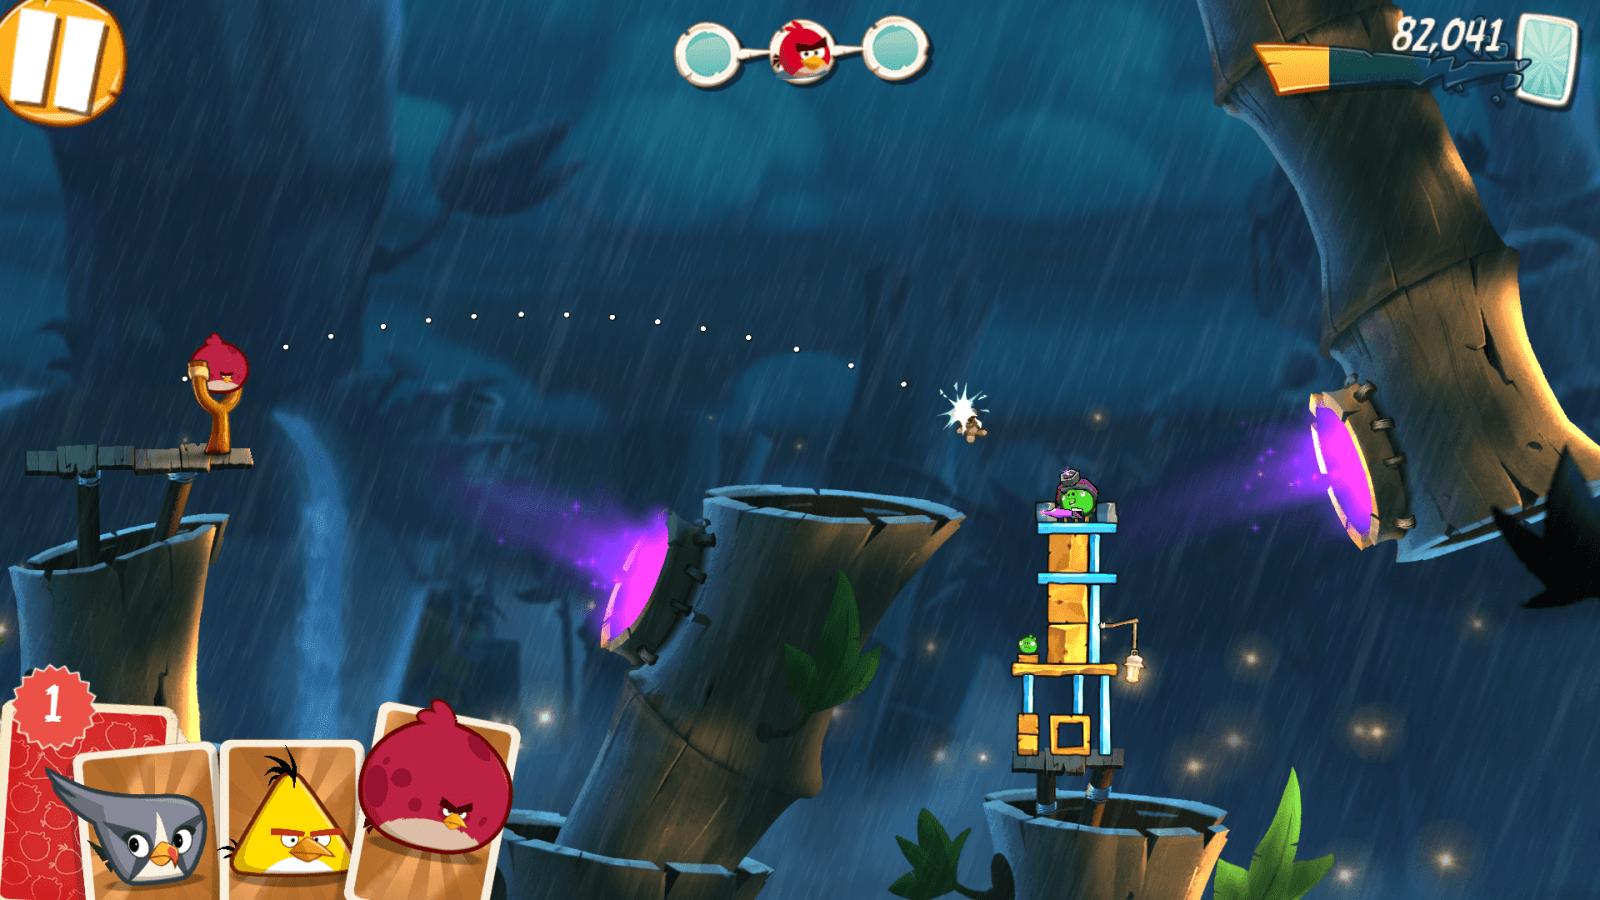 Прохождение боссов Angry Birds 2, часть 2 Прохождение боссов Angry Birds 2, часть 2